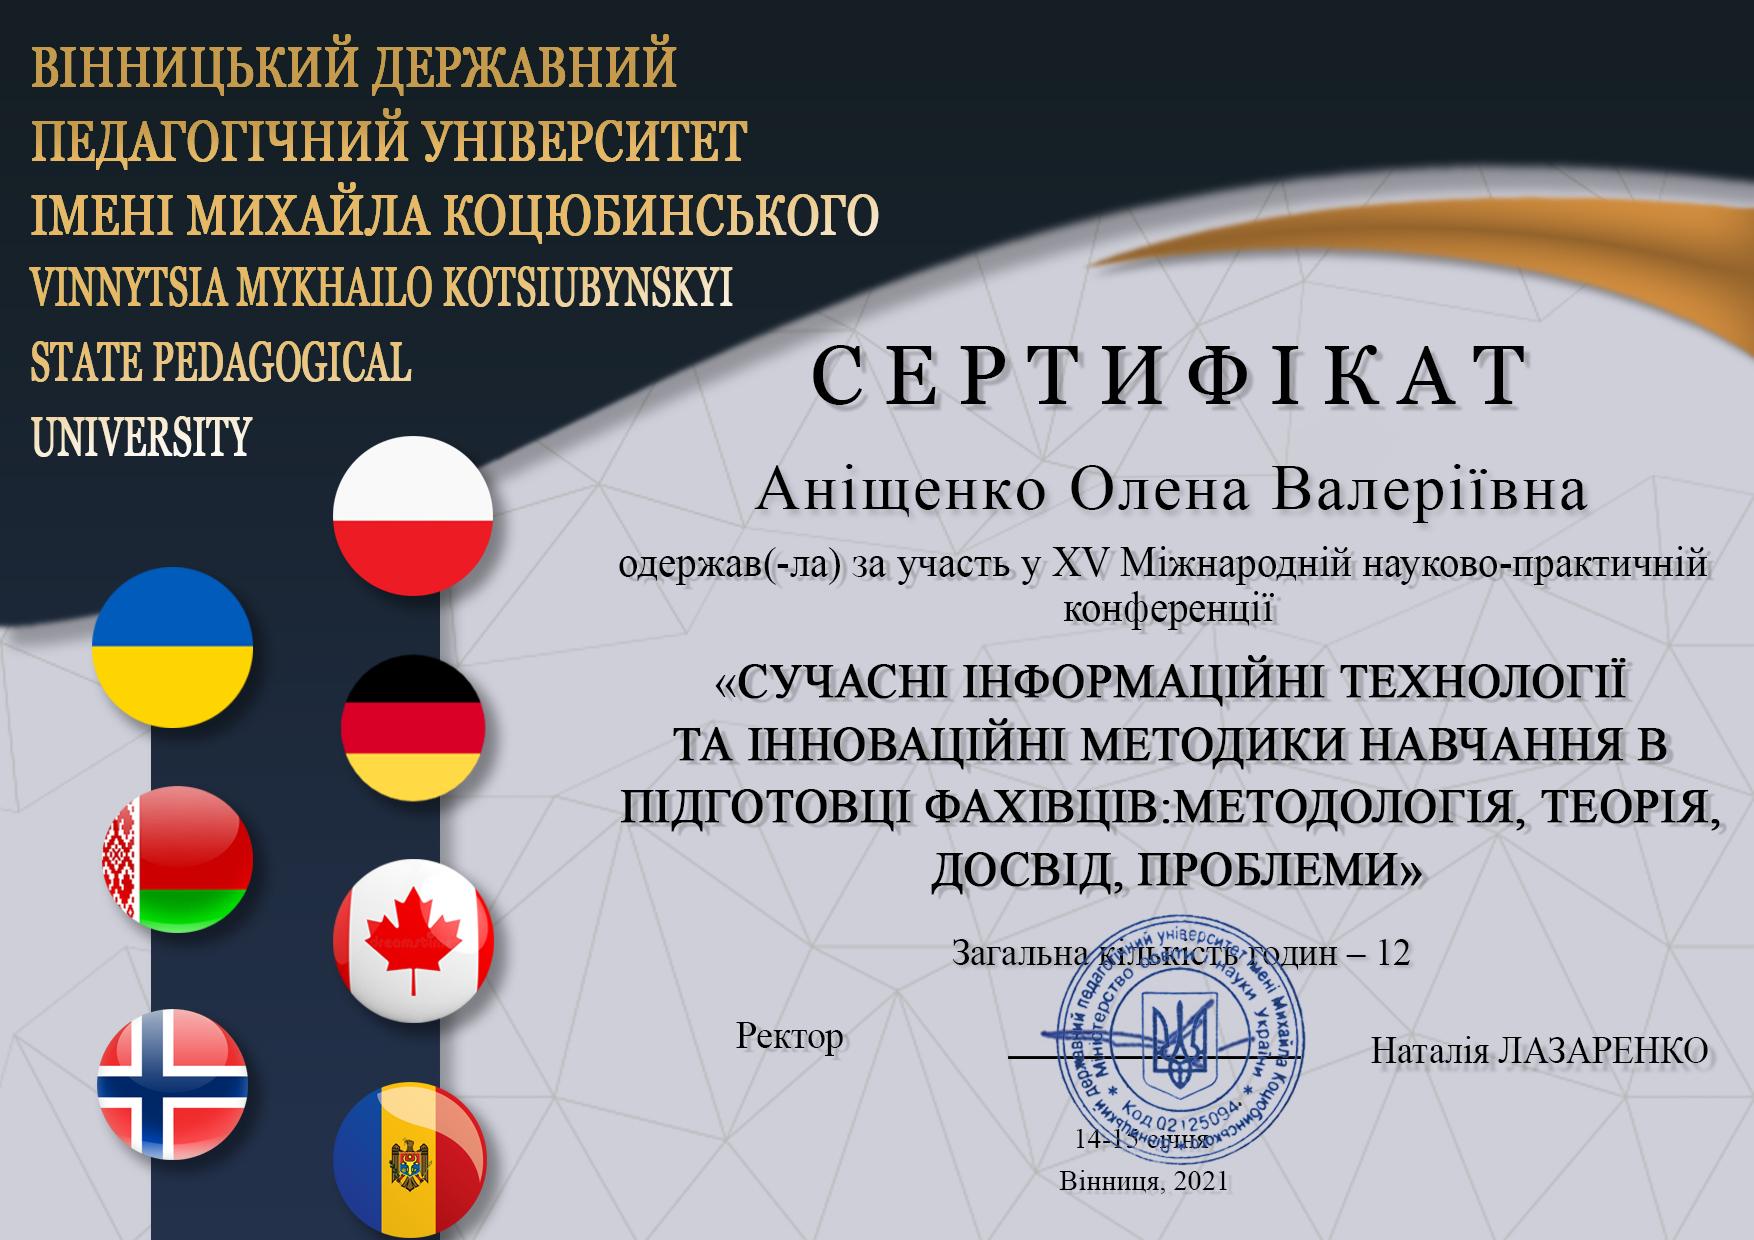 Аніщенко Олена Валеріївна